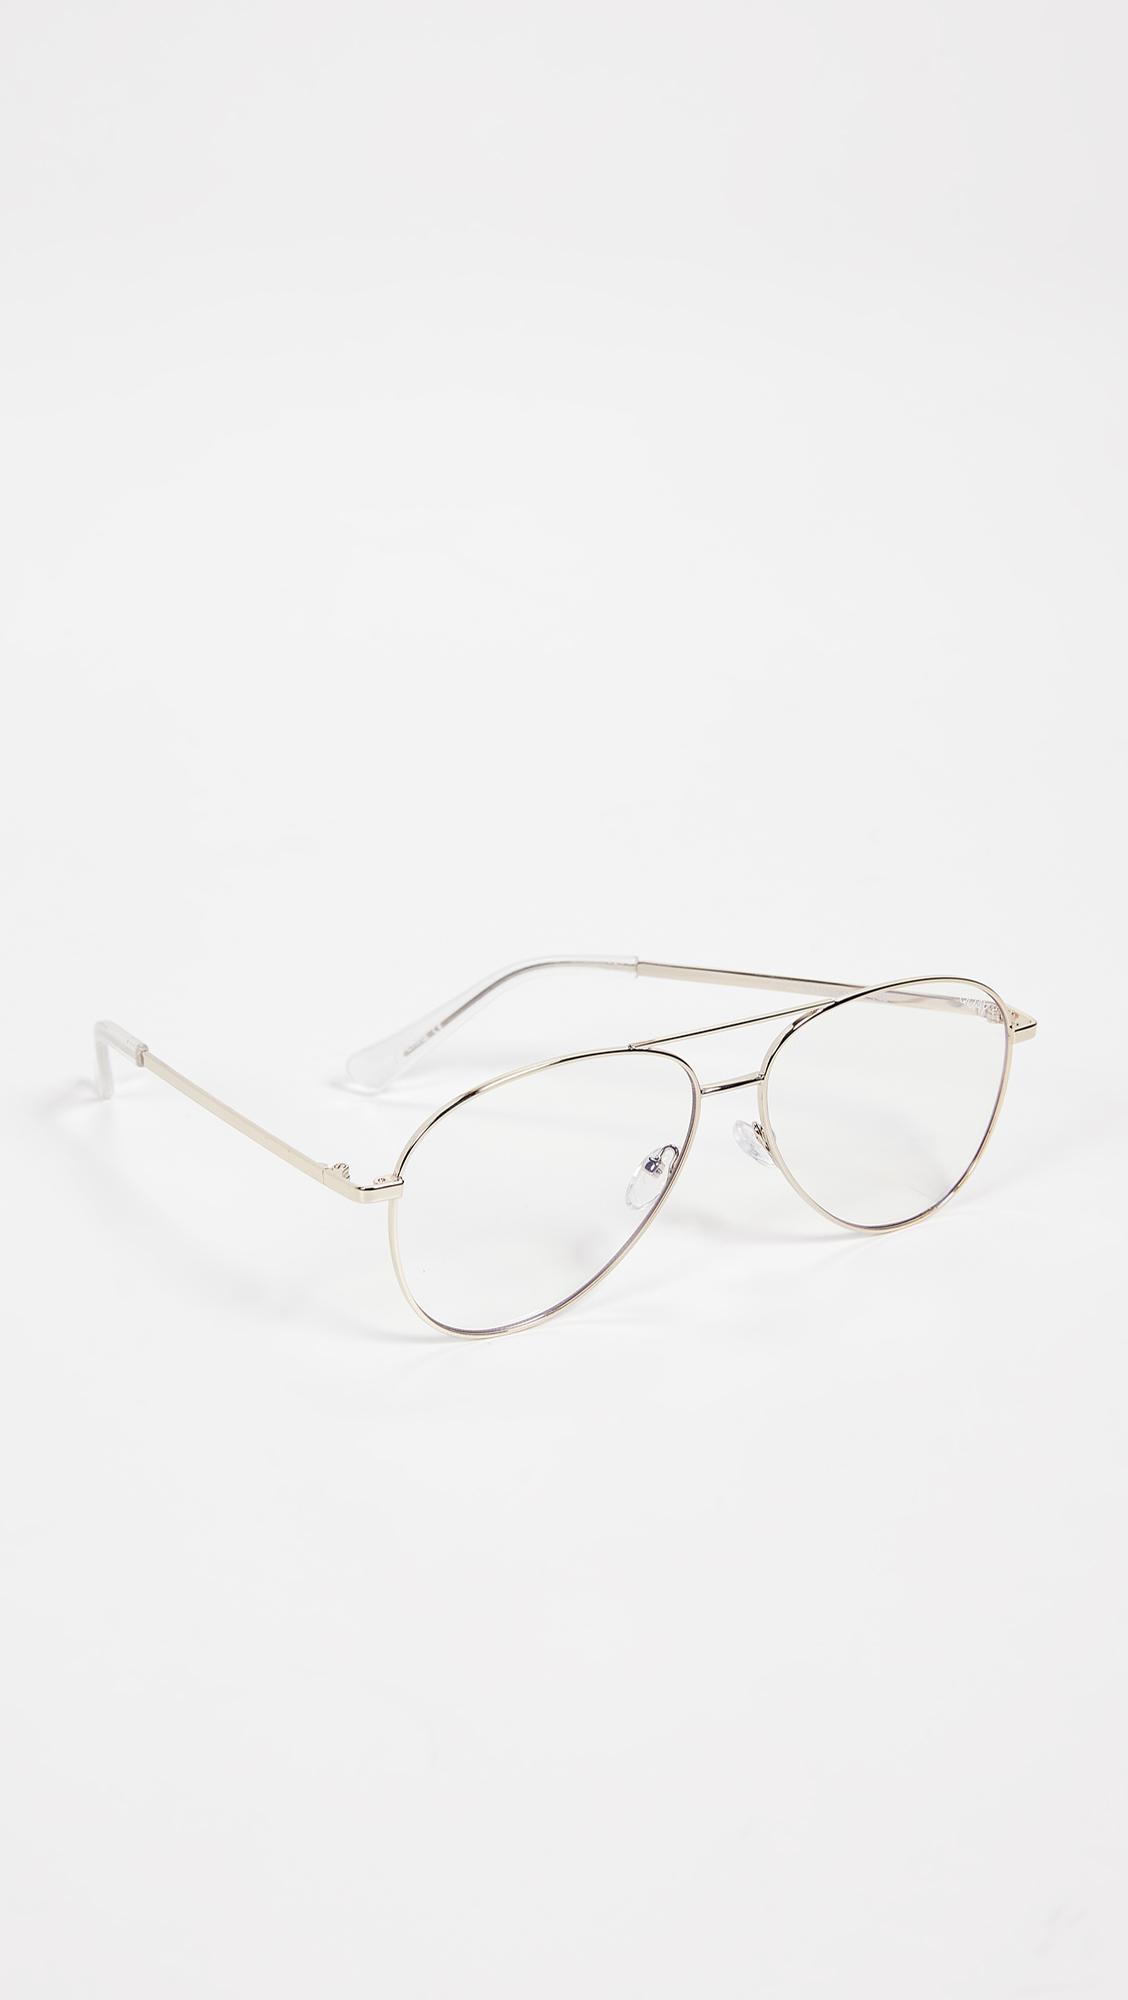 73f2437989 Quay - Metallic Still Standing Blue Light Blocker Glasses for Men - Lyst.  View fullscreen